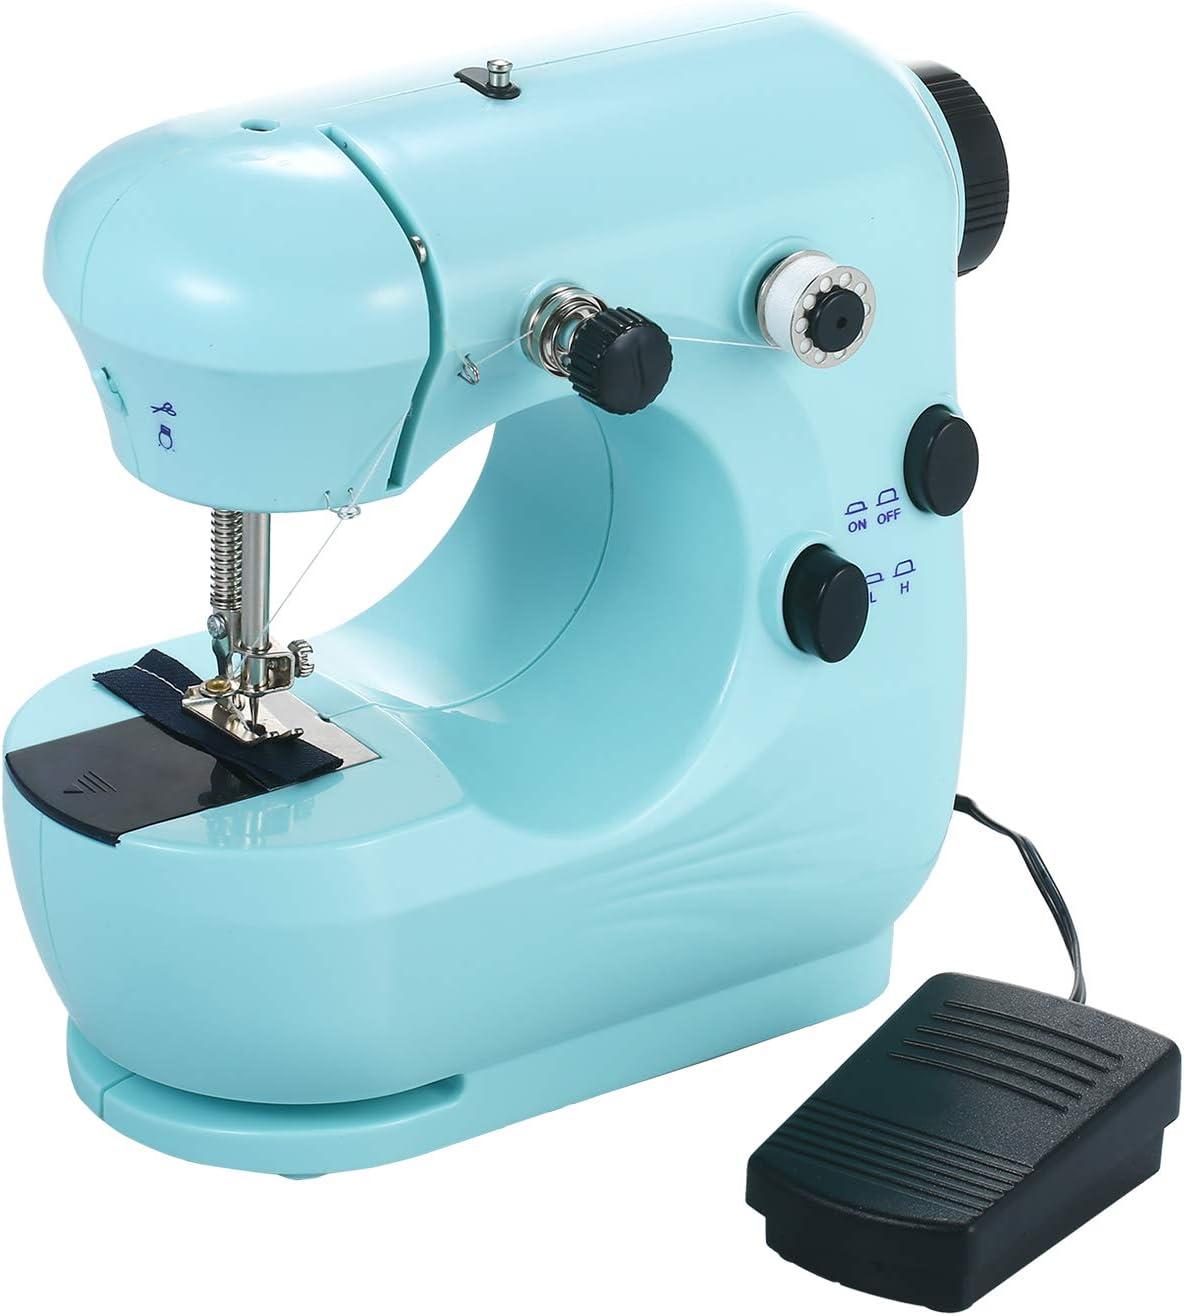 KKmoon Máquina de Coser,Mini Máquina de Coser Portátilil,Máquina de Coser Doméstica,Ajustable de 2 Velocidades con Mesa de Costura